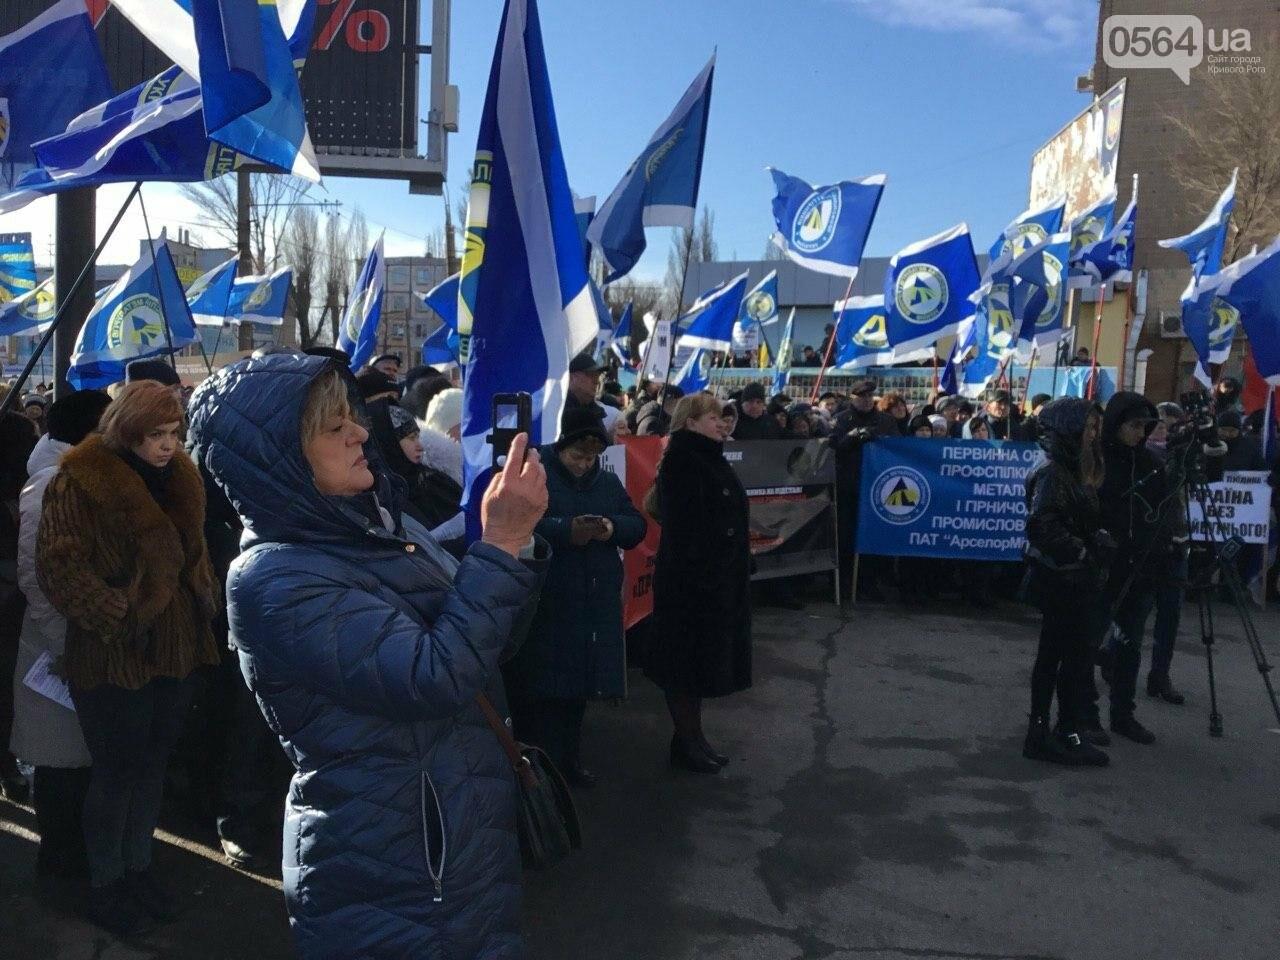 В Кривом Роге протестуют против принятия Радой нового трудового законодательства, - ФОТО, ВИДЕО, фото-4